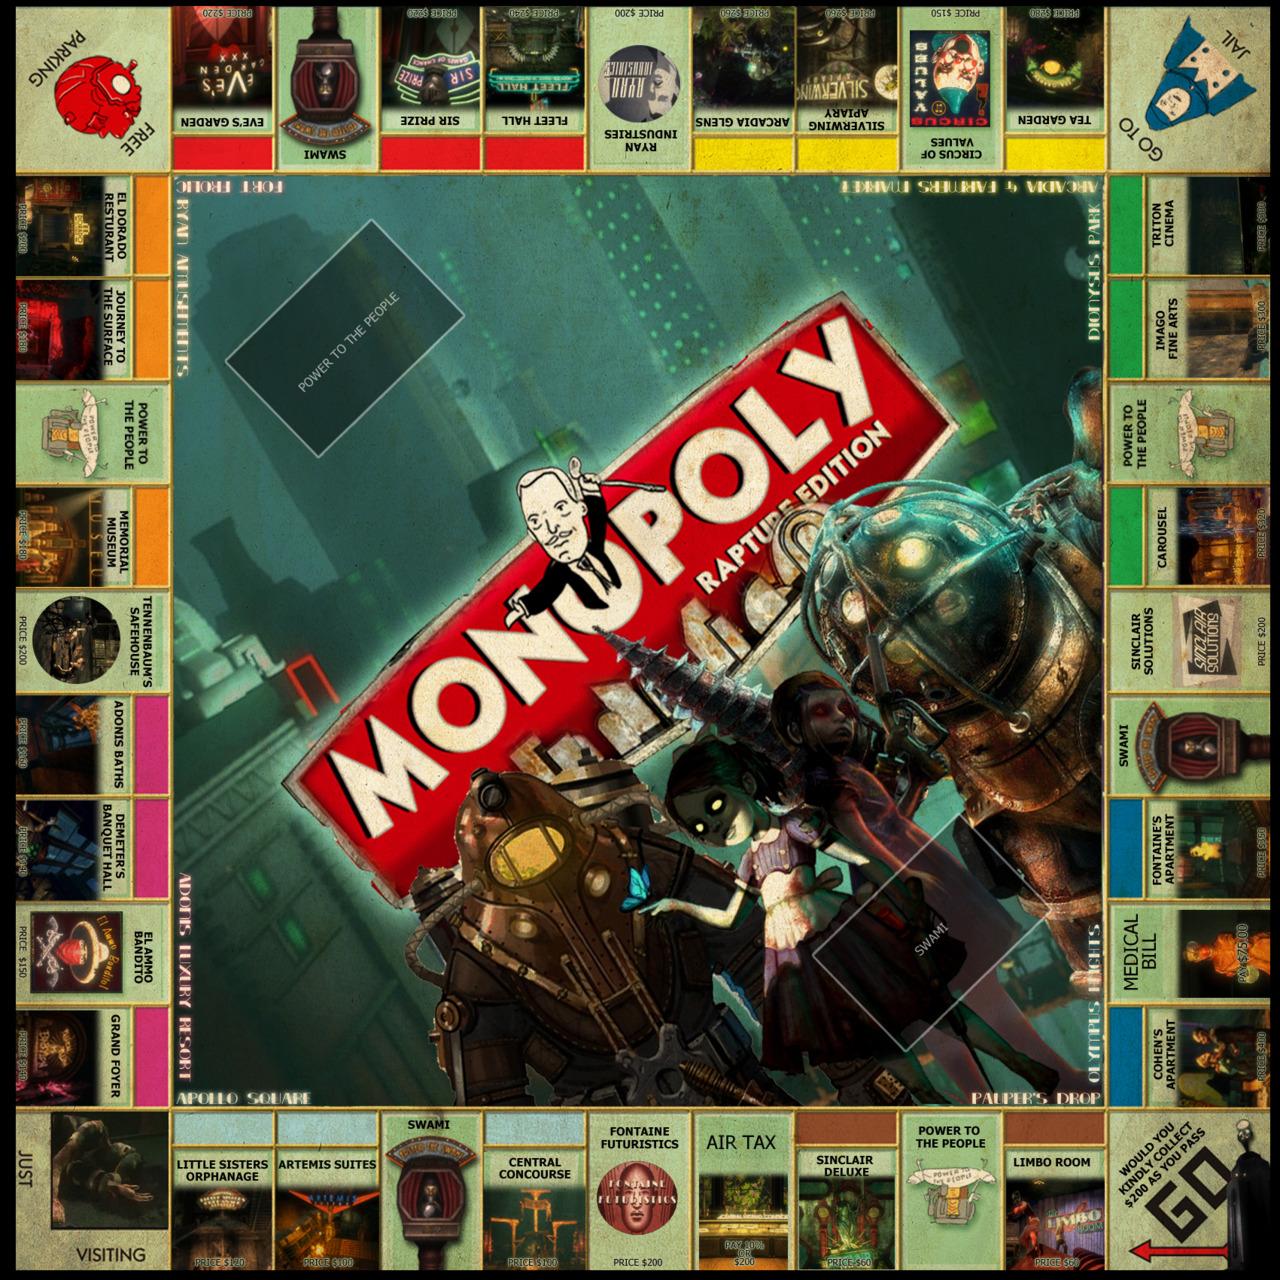 Bioshock monopoly